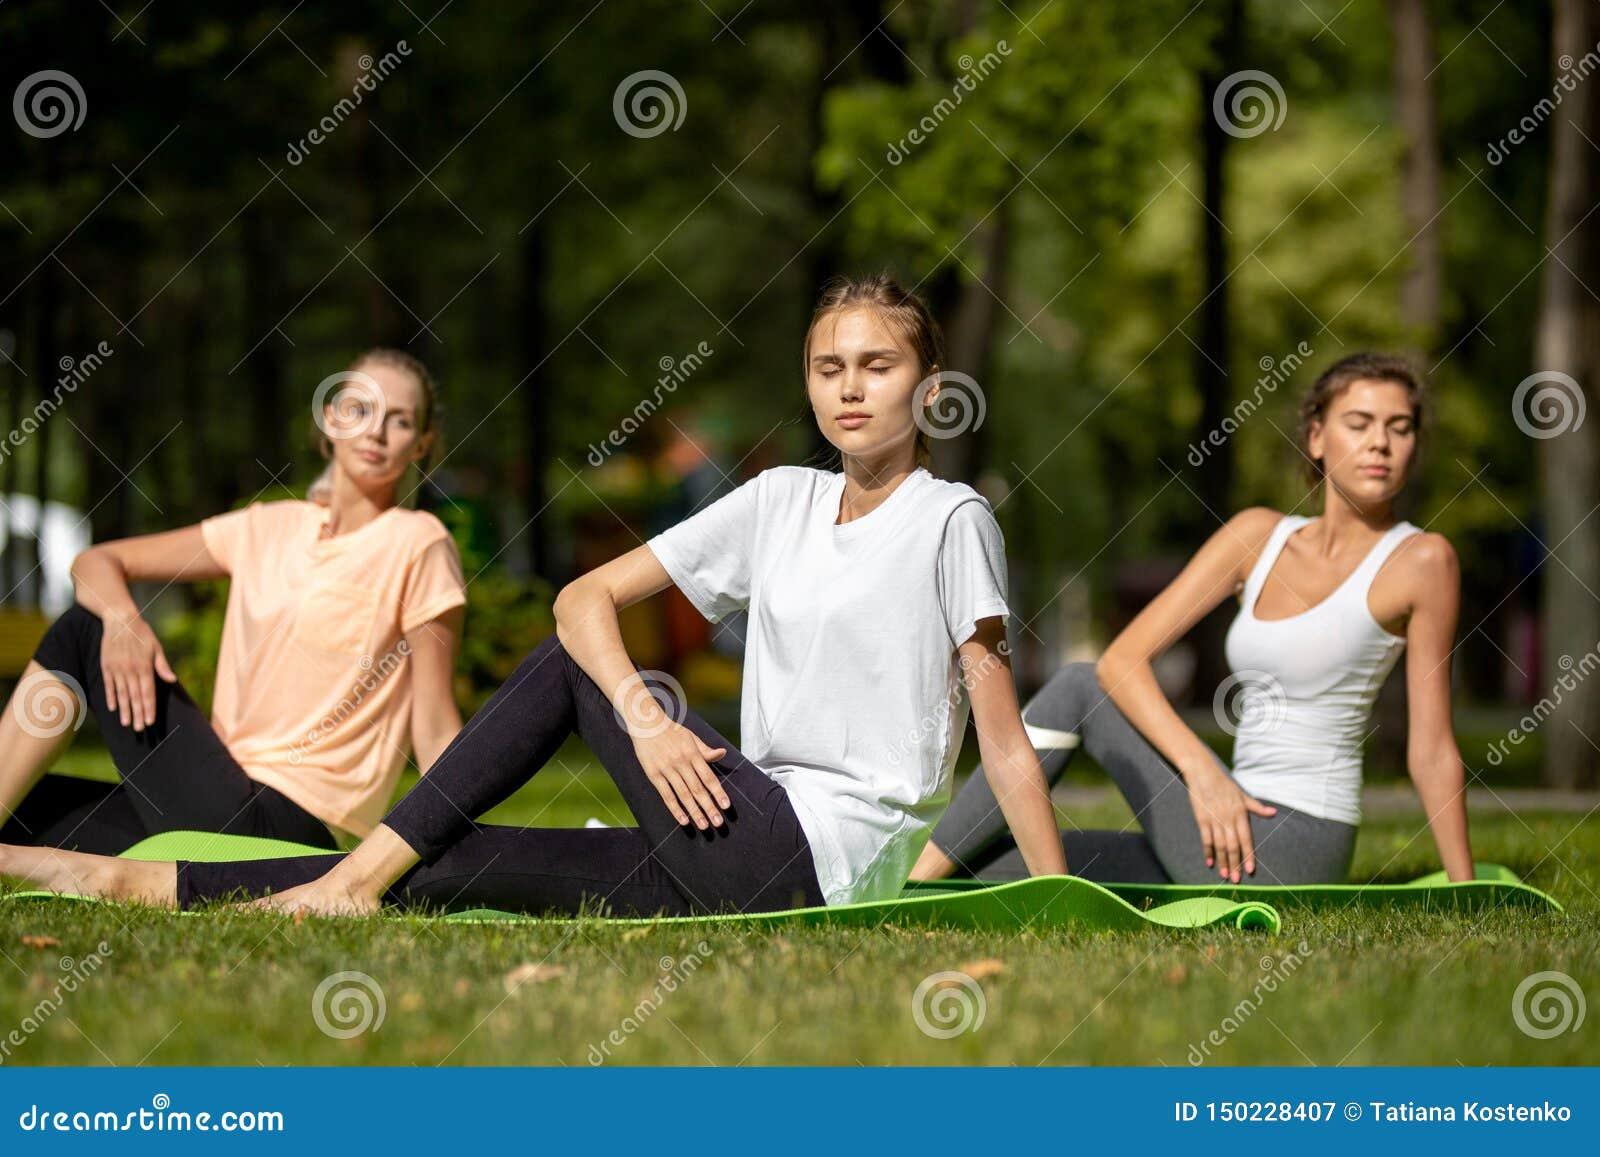 Tr?s mo?as que fazem o estic?o em esteiras da ioga na grama verde no parque no ar livre